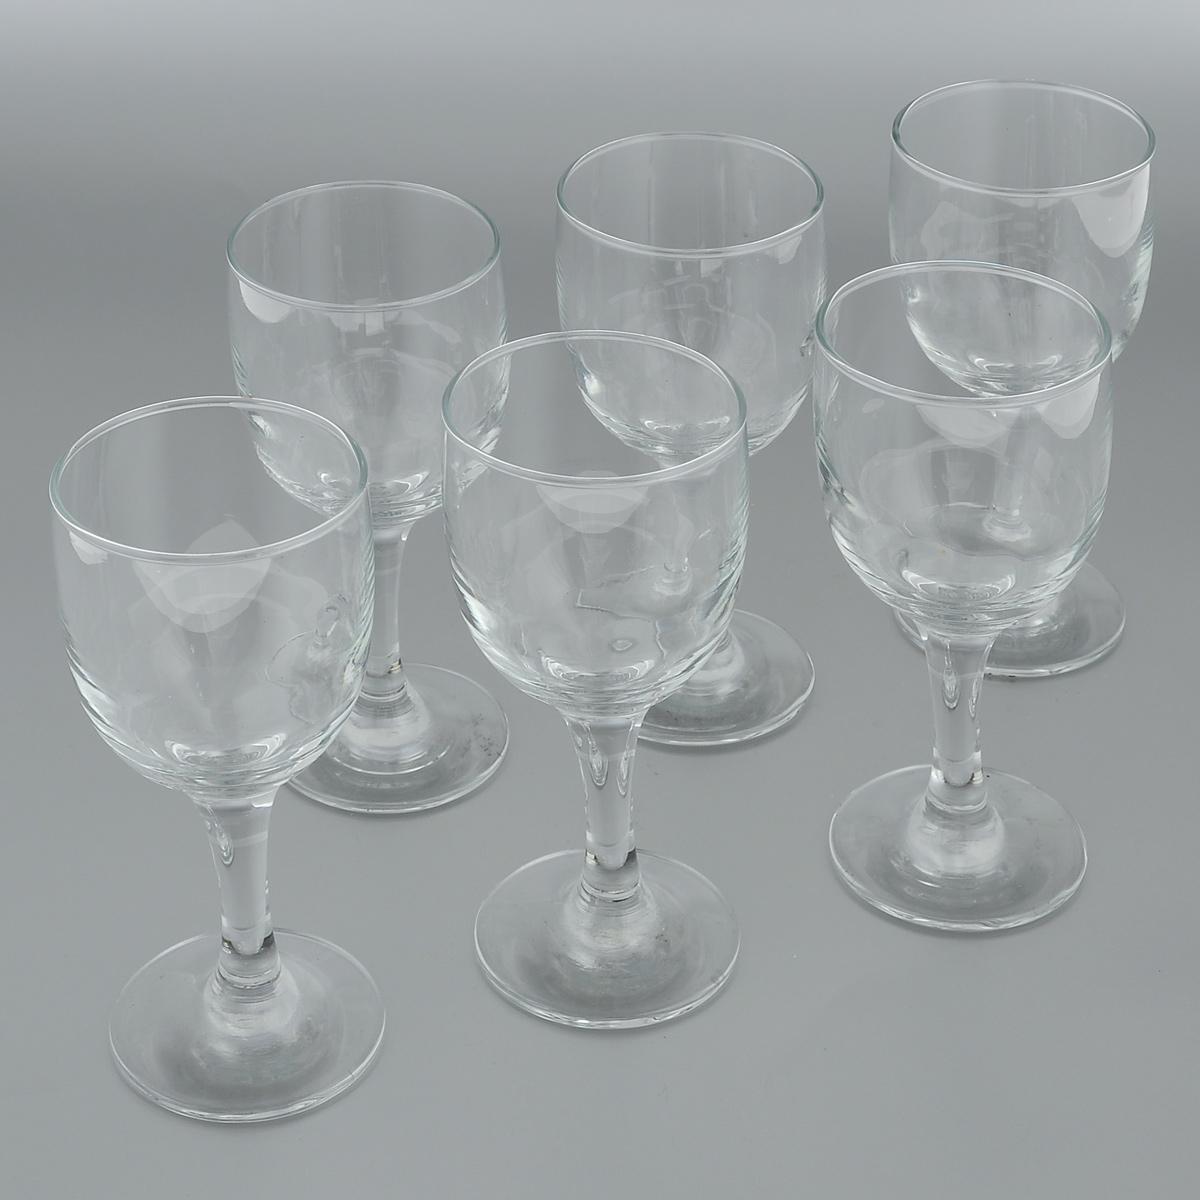 Набор бокалов для белого вина Pasabahce Royal, 240 мл, 6 шт44353BНабор Pasabahce Royal состоит из шести бокалов, изготовленных из прочного натрий-кальций-силикатного стекла. Изделия, предназначенные для подачи белого вина, несомненно придутся вам по душе. Бокалы сочетают в себе элегантный дизайн и функциональность. Благодаря такому набору пить напитки будет еще вкуснее. Набор бокалов Pasabahce Royal идеально подойдет для сервировки стола и станет отличным подарком к любому празднику. Можно мыть в посудомоечной машине и использовать в микроволновой печи. Диаметр бокала по верхнему краю: 7 см. Высота бокала: 17 см.